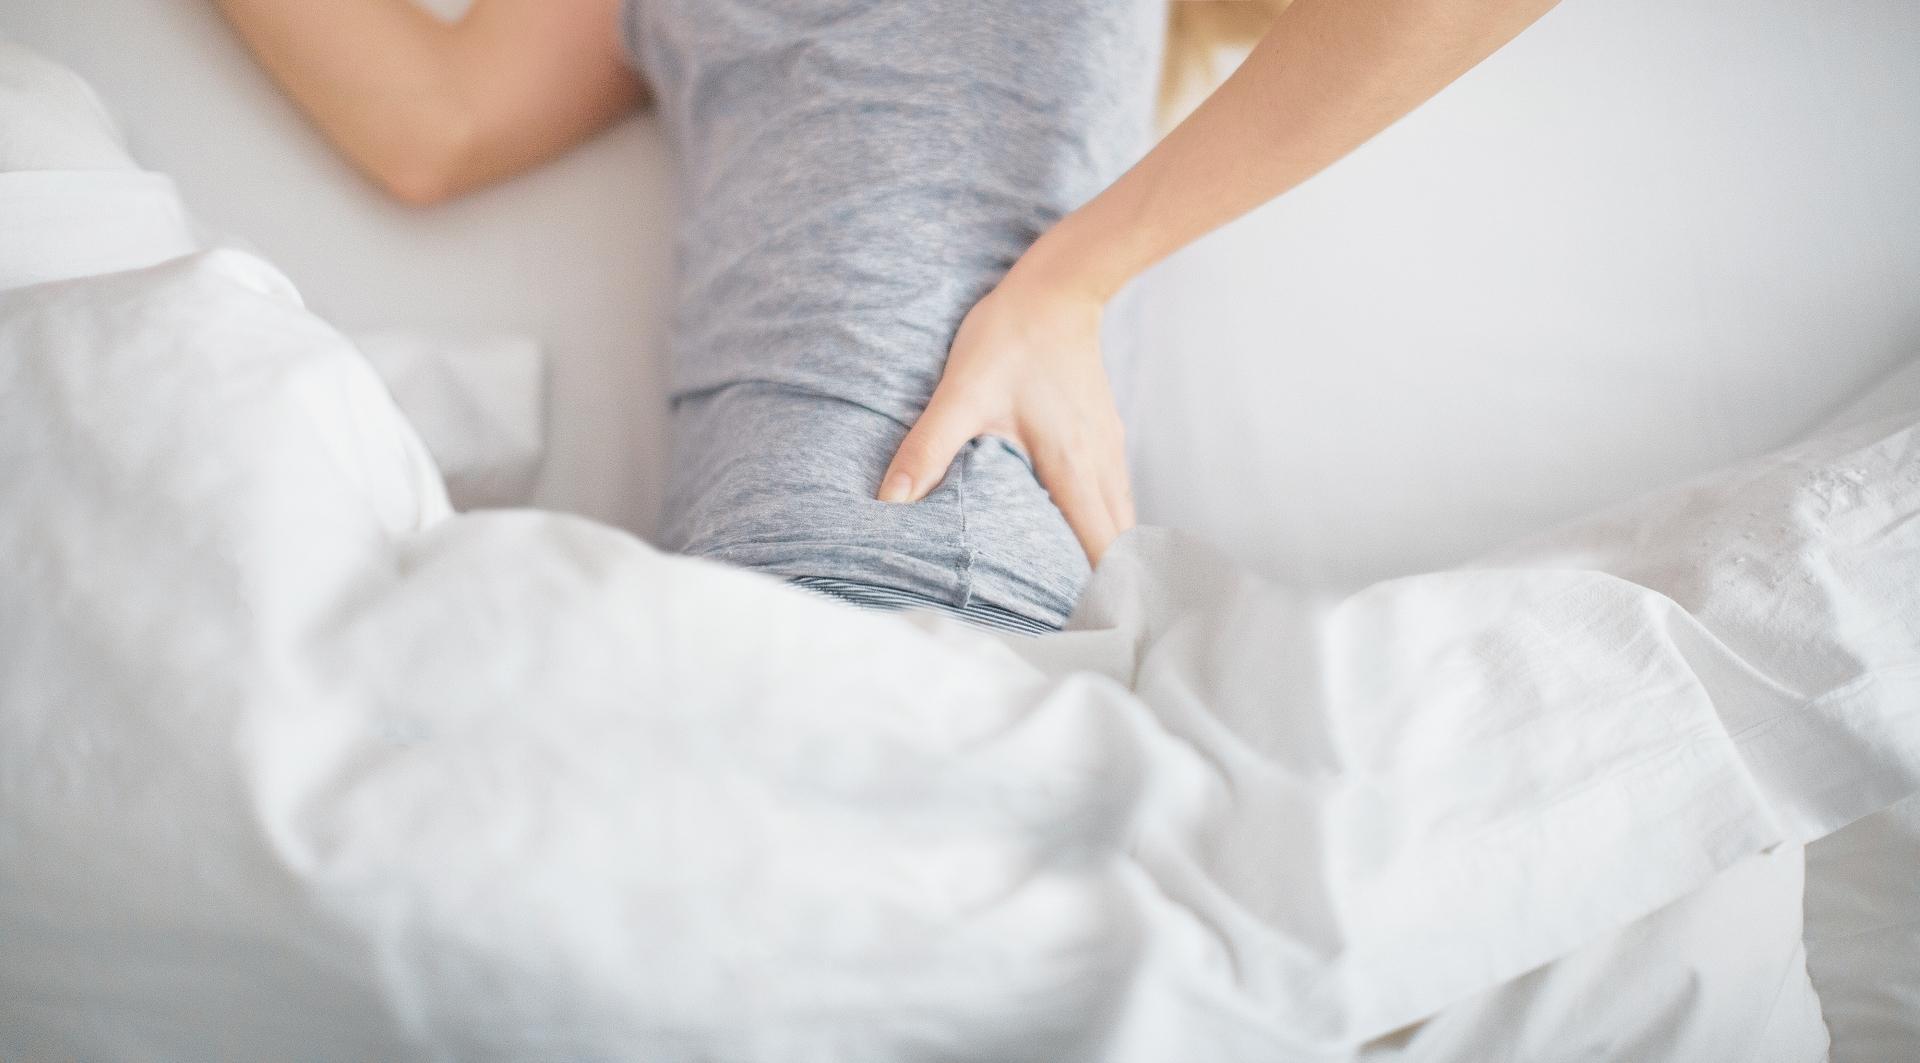 От боли в спине не помогают никакие лекарства